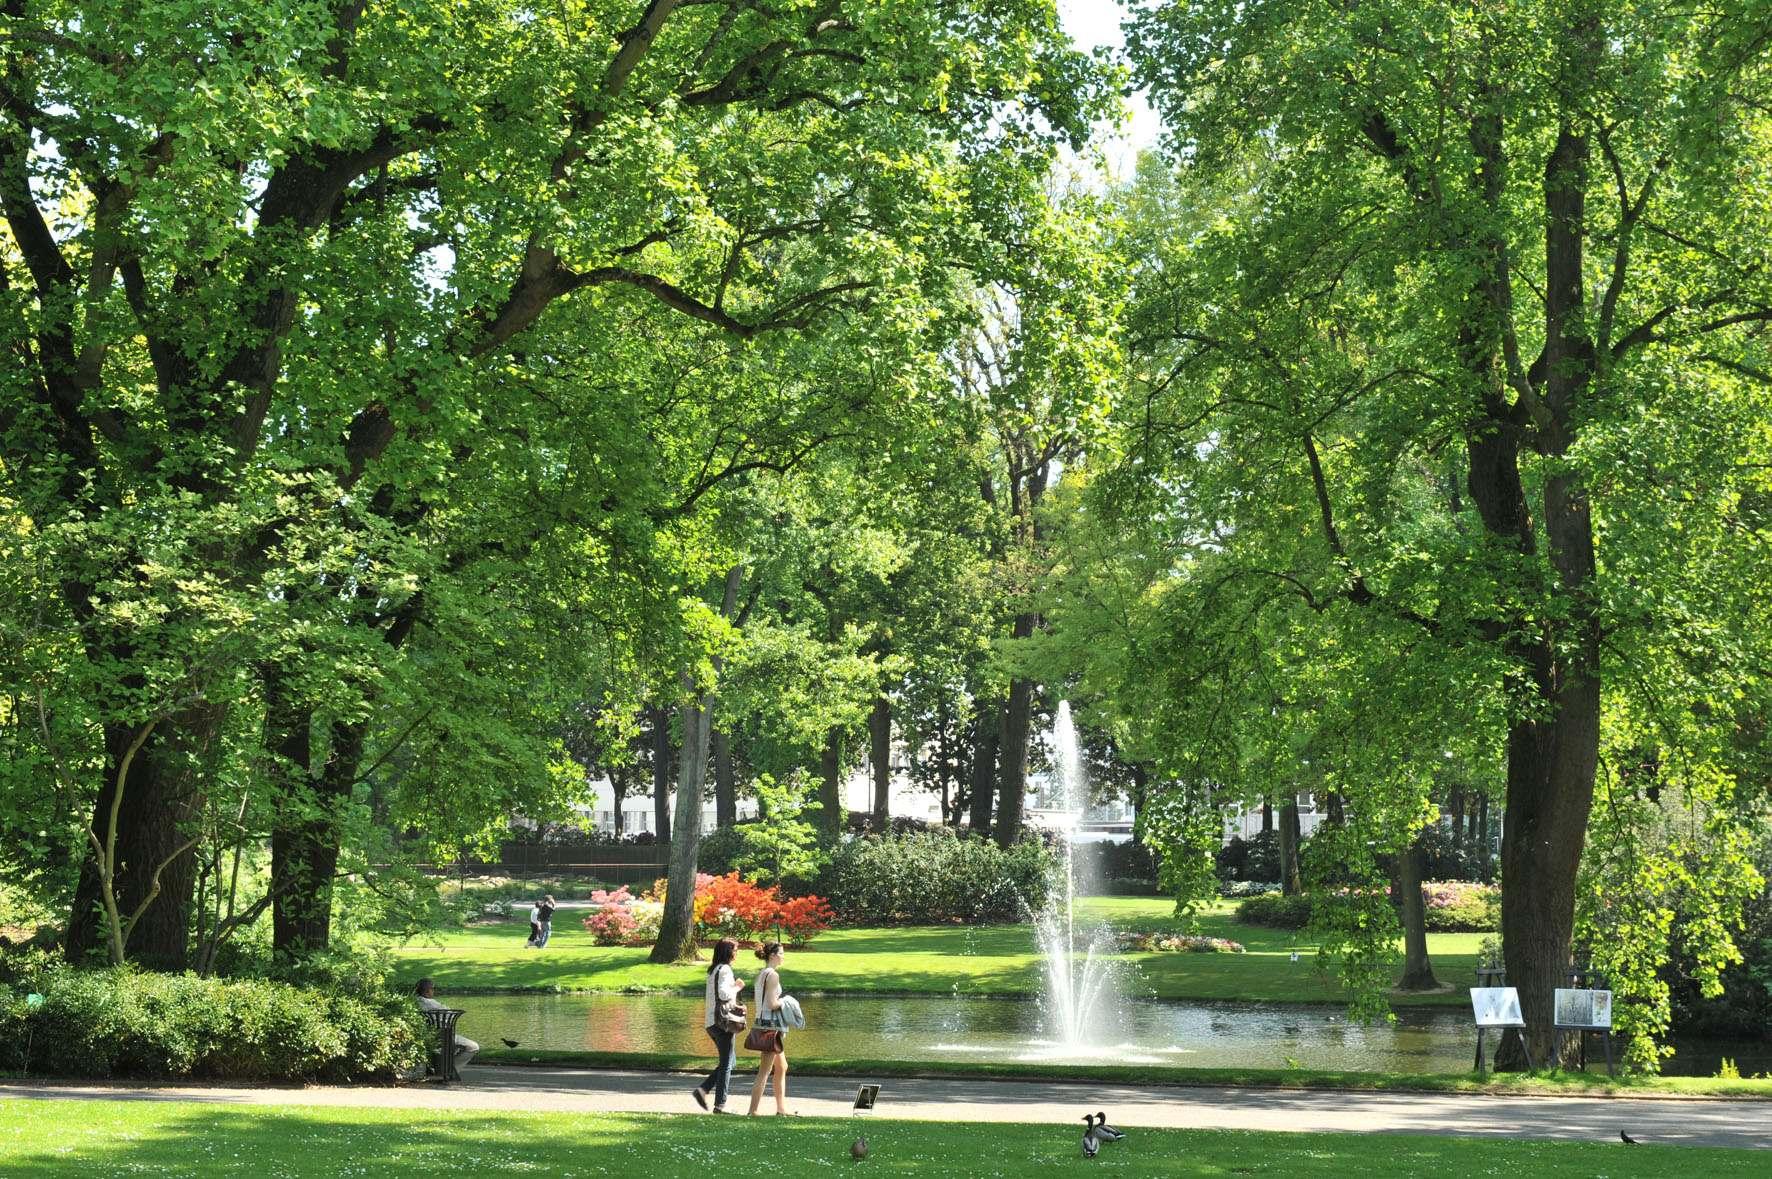 Jeu de piste au Jardin des Plantes de Nantes